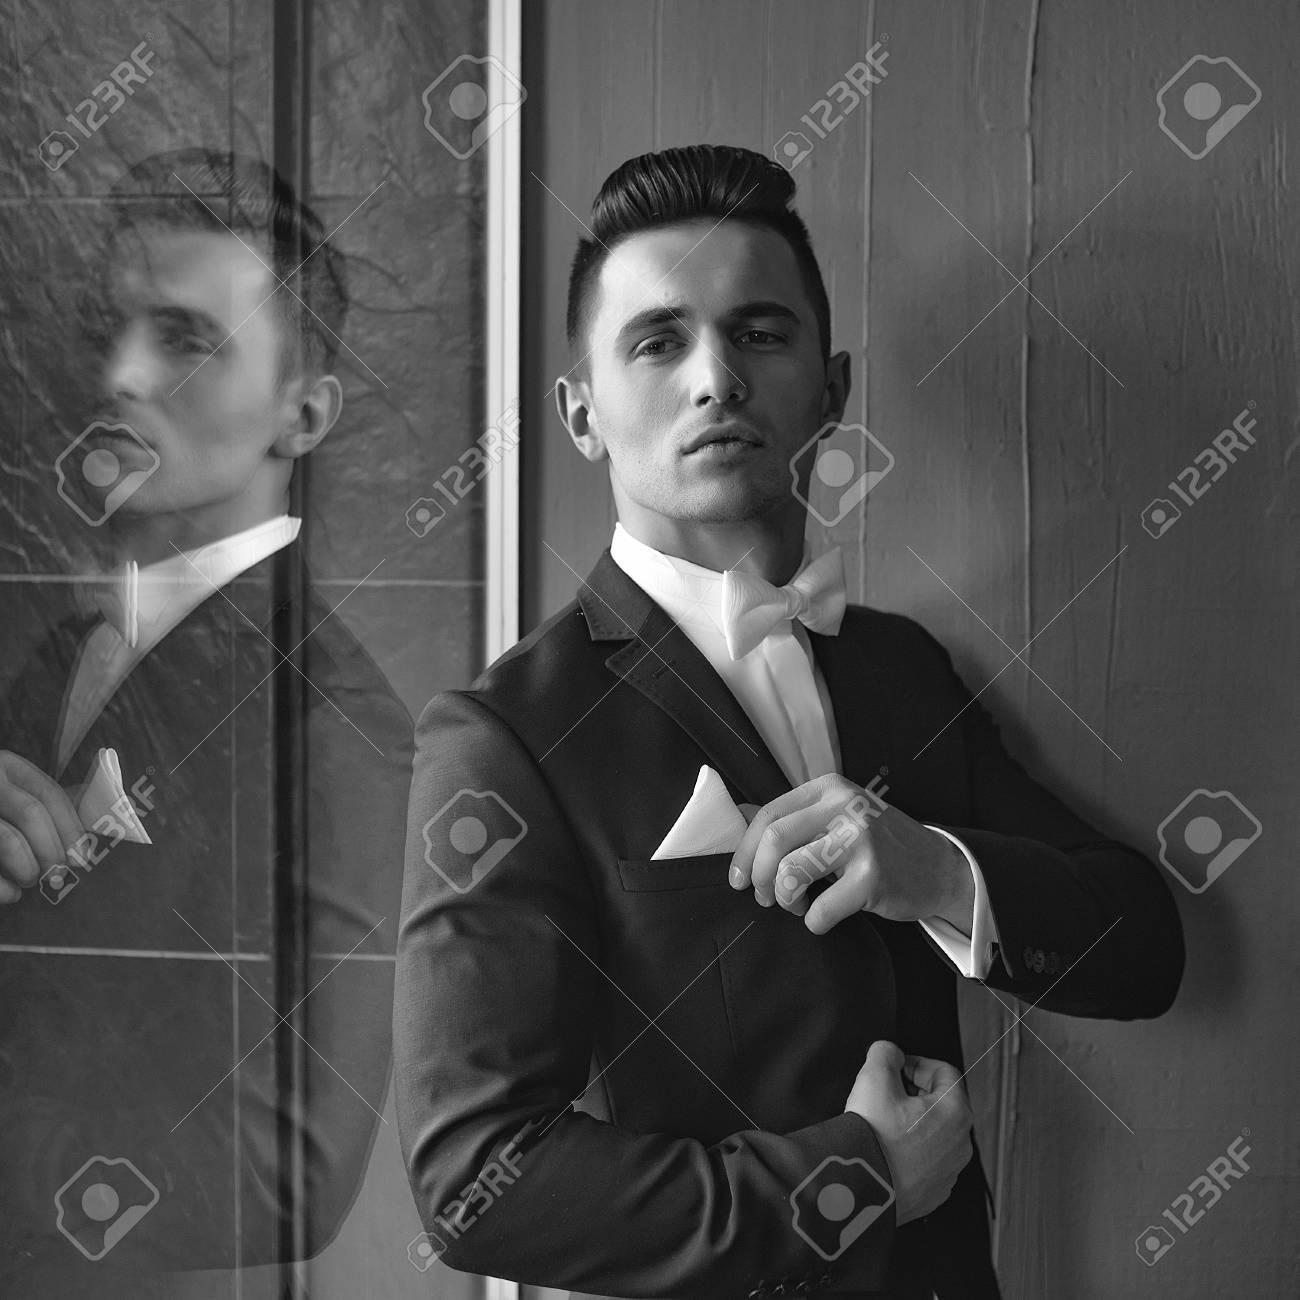 4fd8aacf8226c El hombre en traje con corbata de lazo blanco toca pañuelo joven con estilo  elegante se